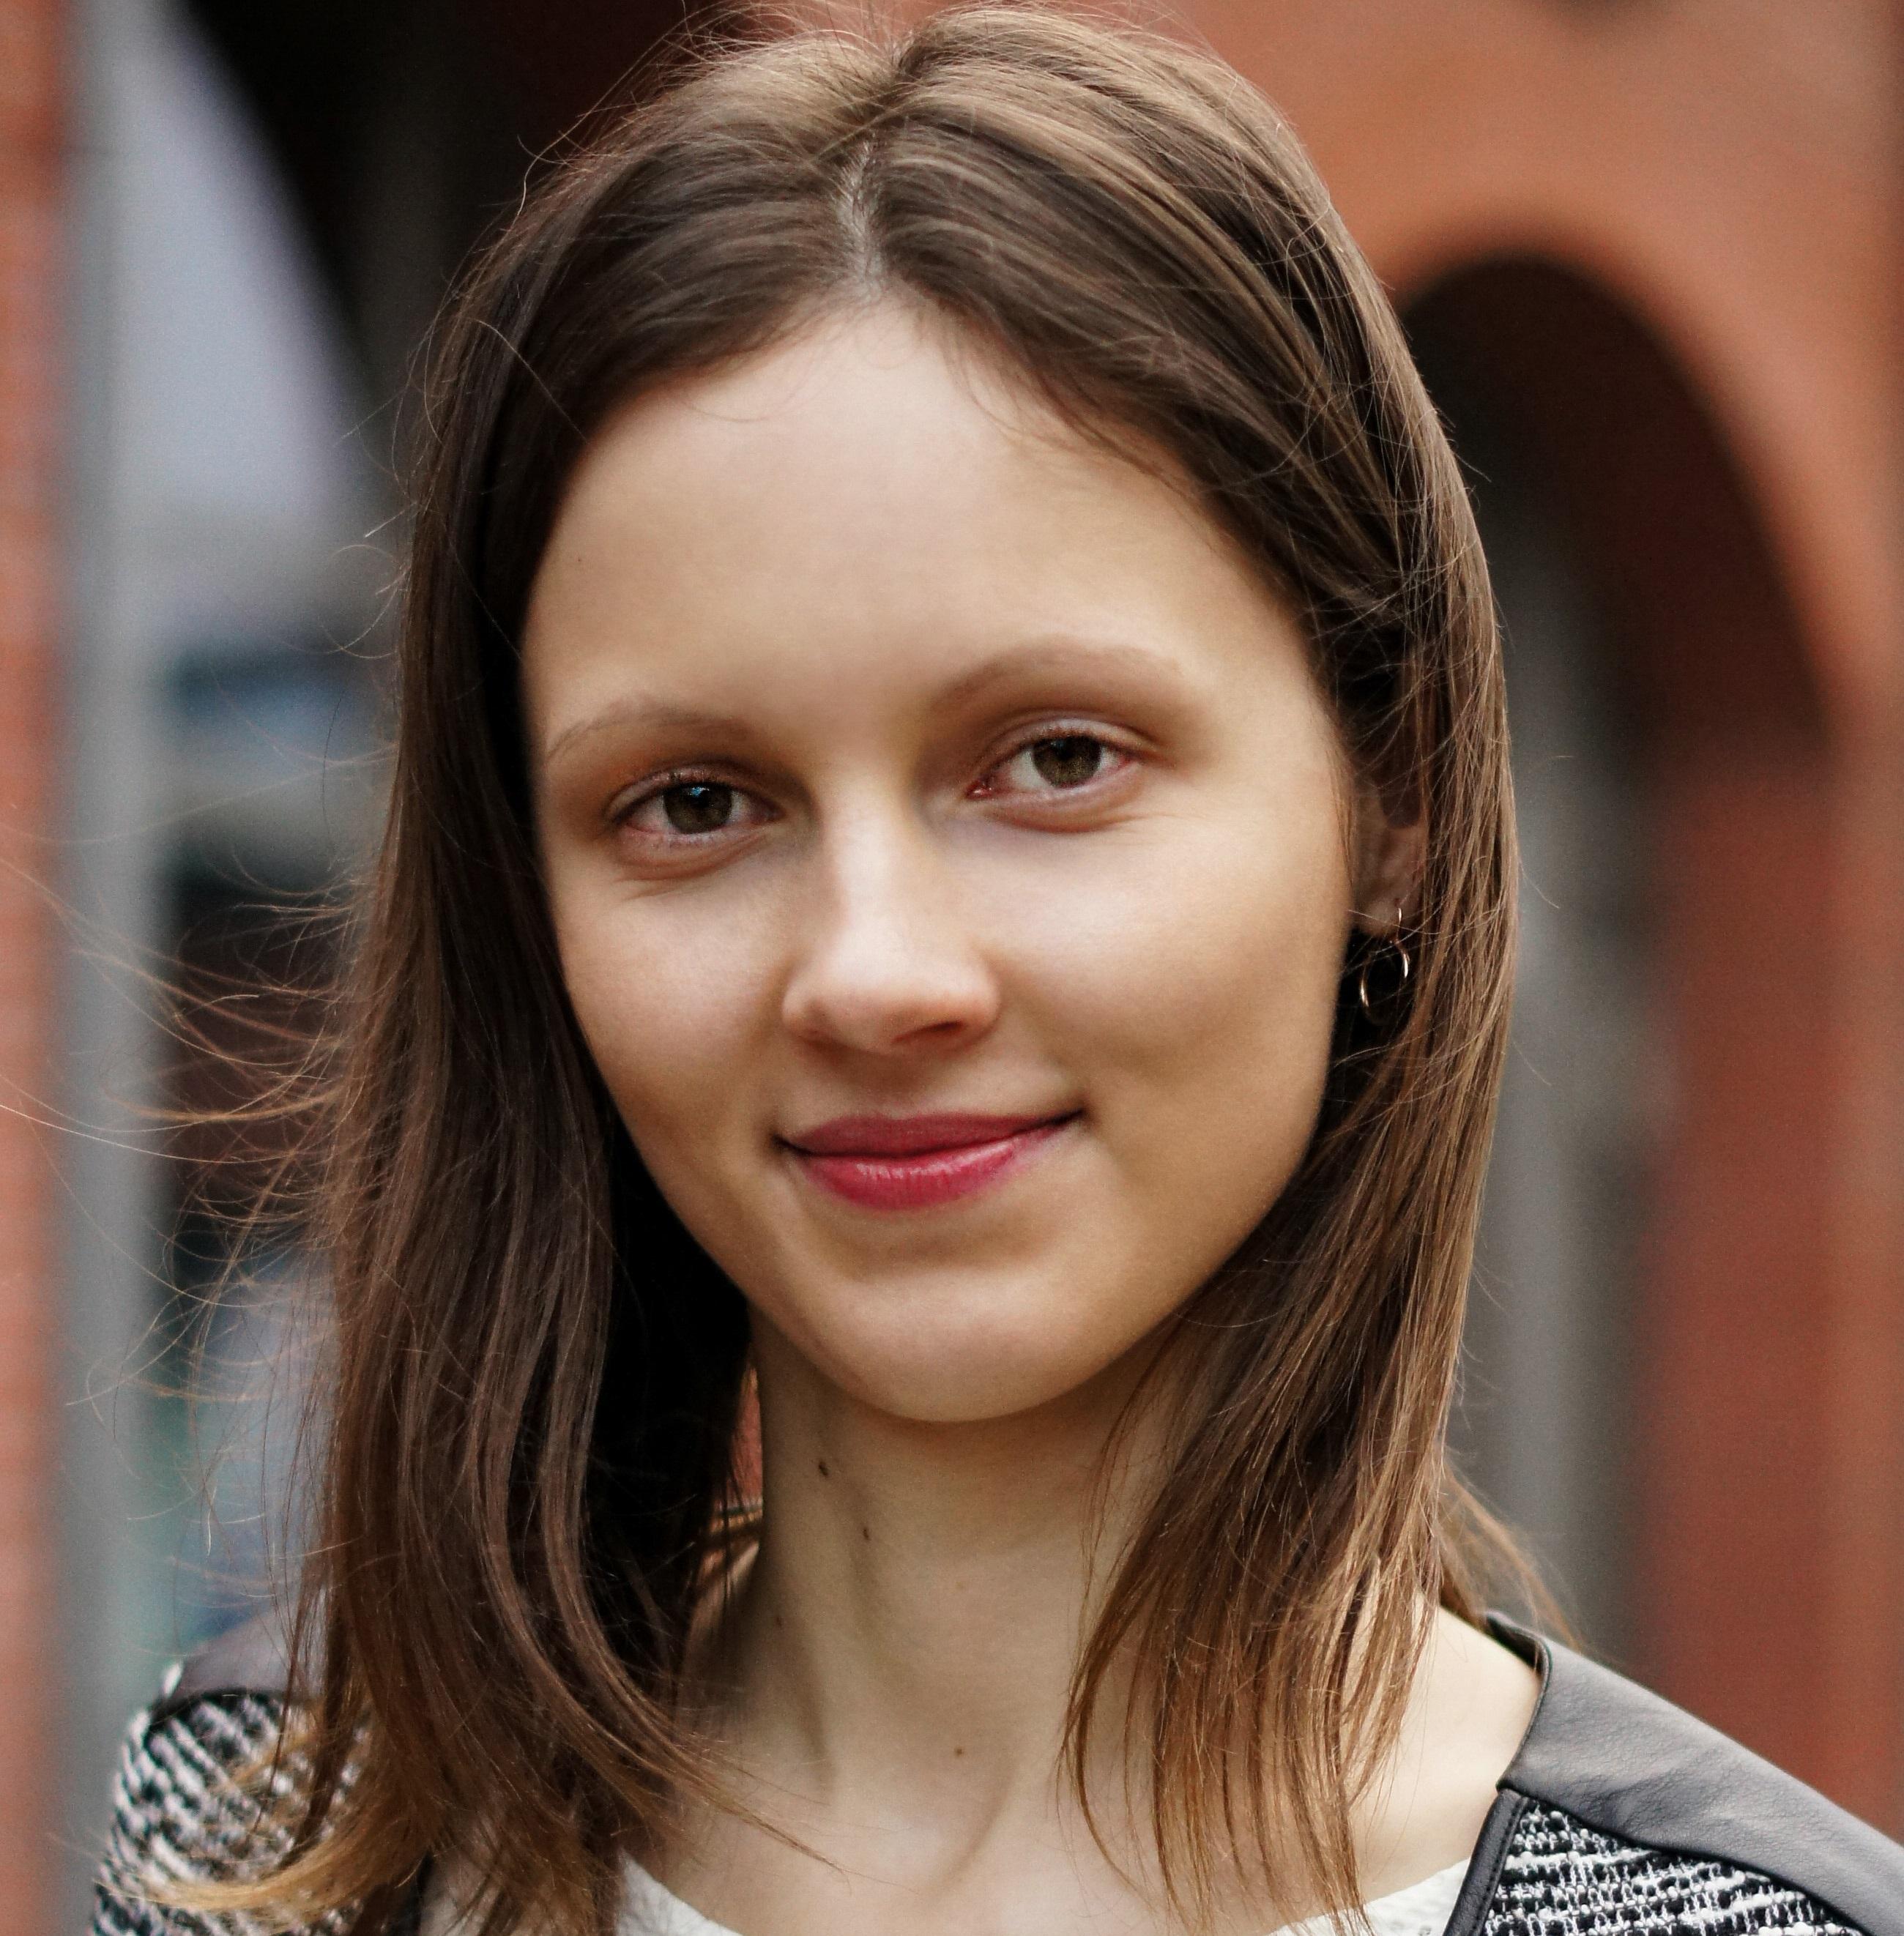 Katarzyna Uljasz